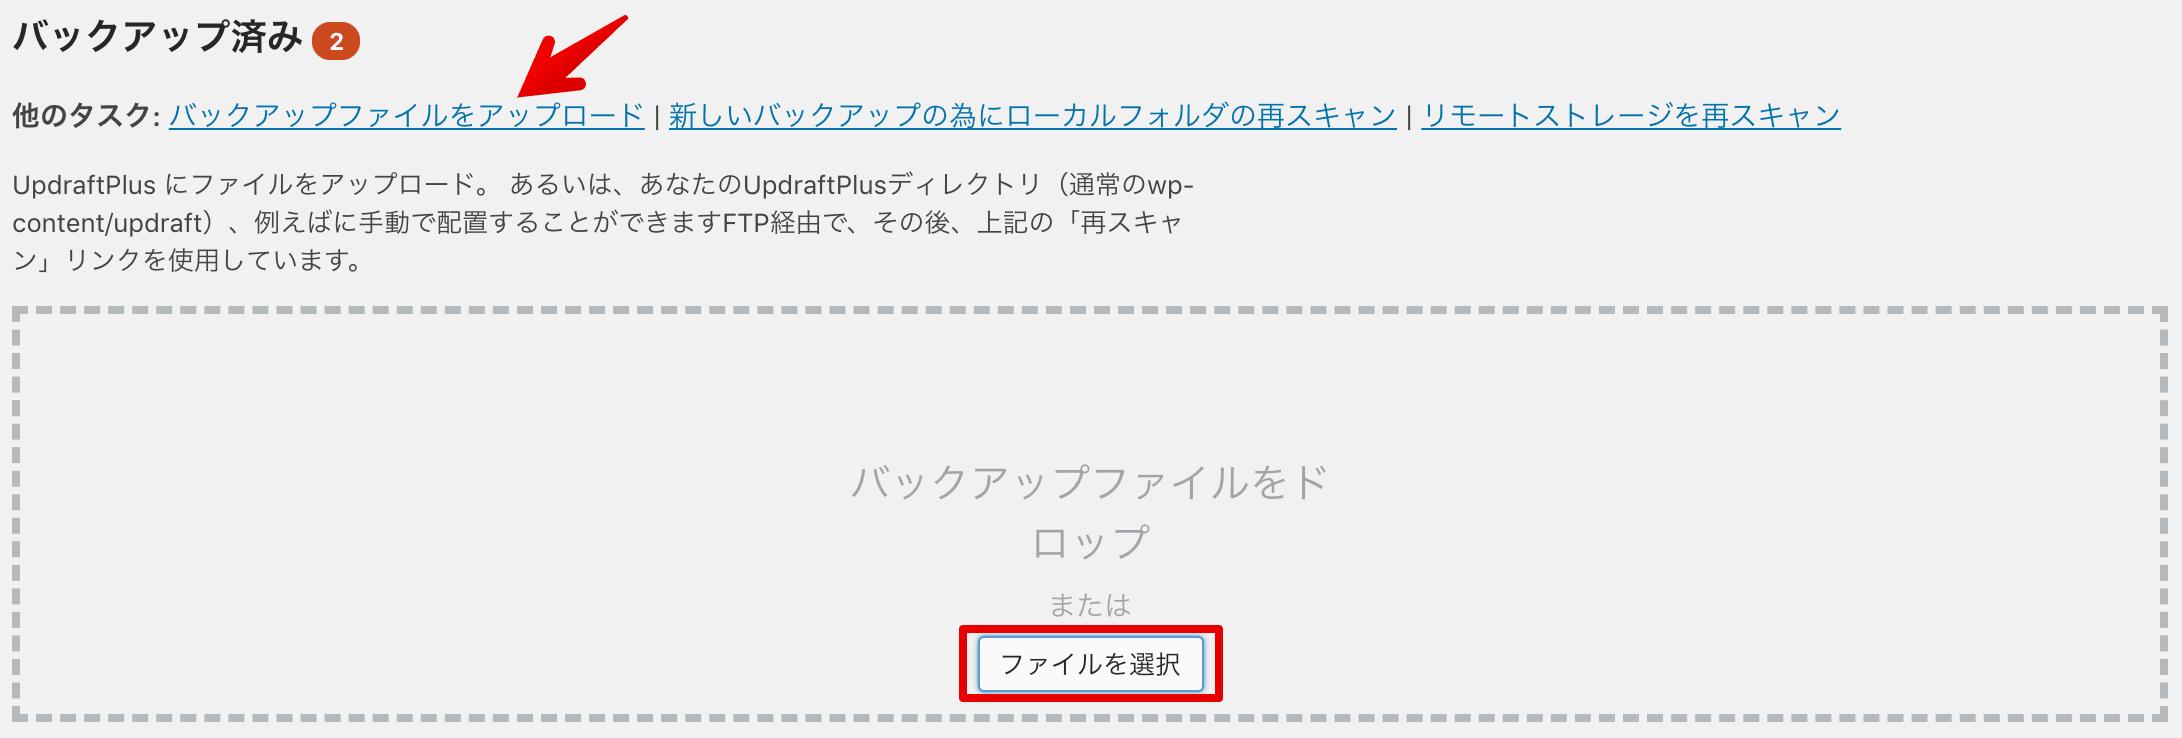 UpdraftPlusバックアップファイルをアップロード